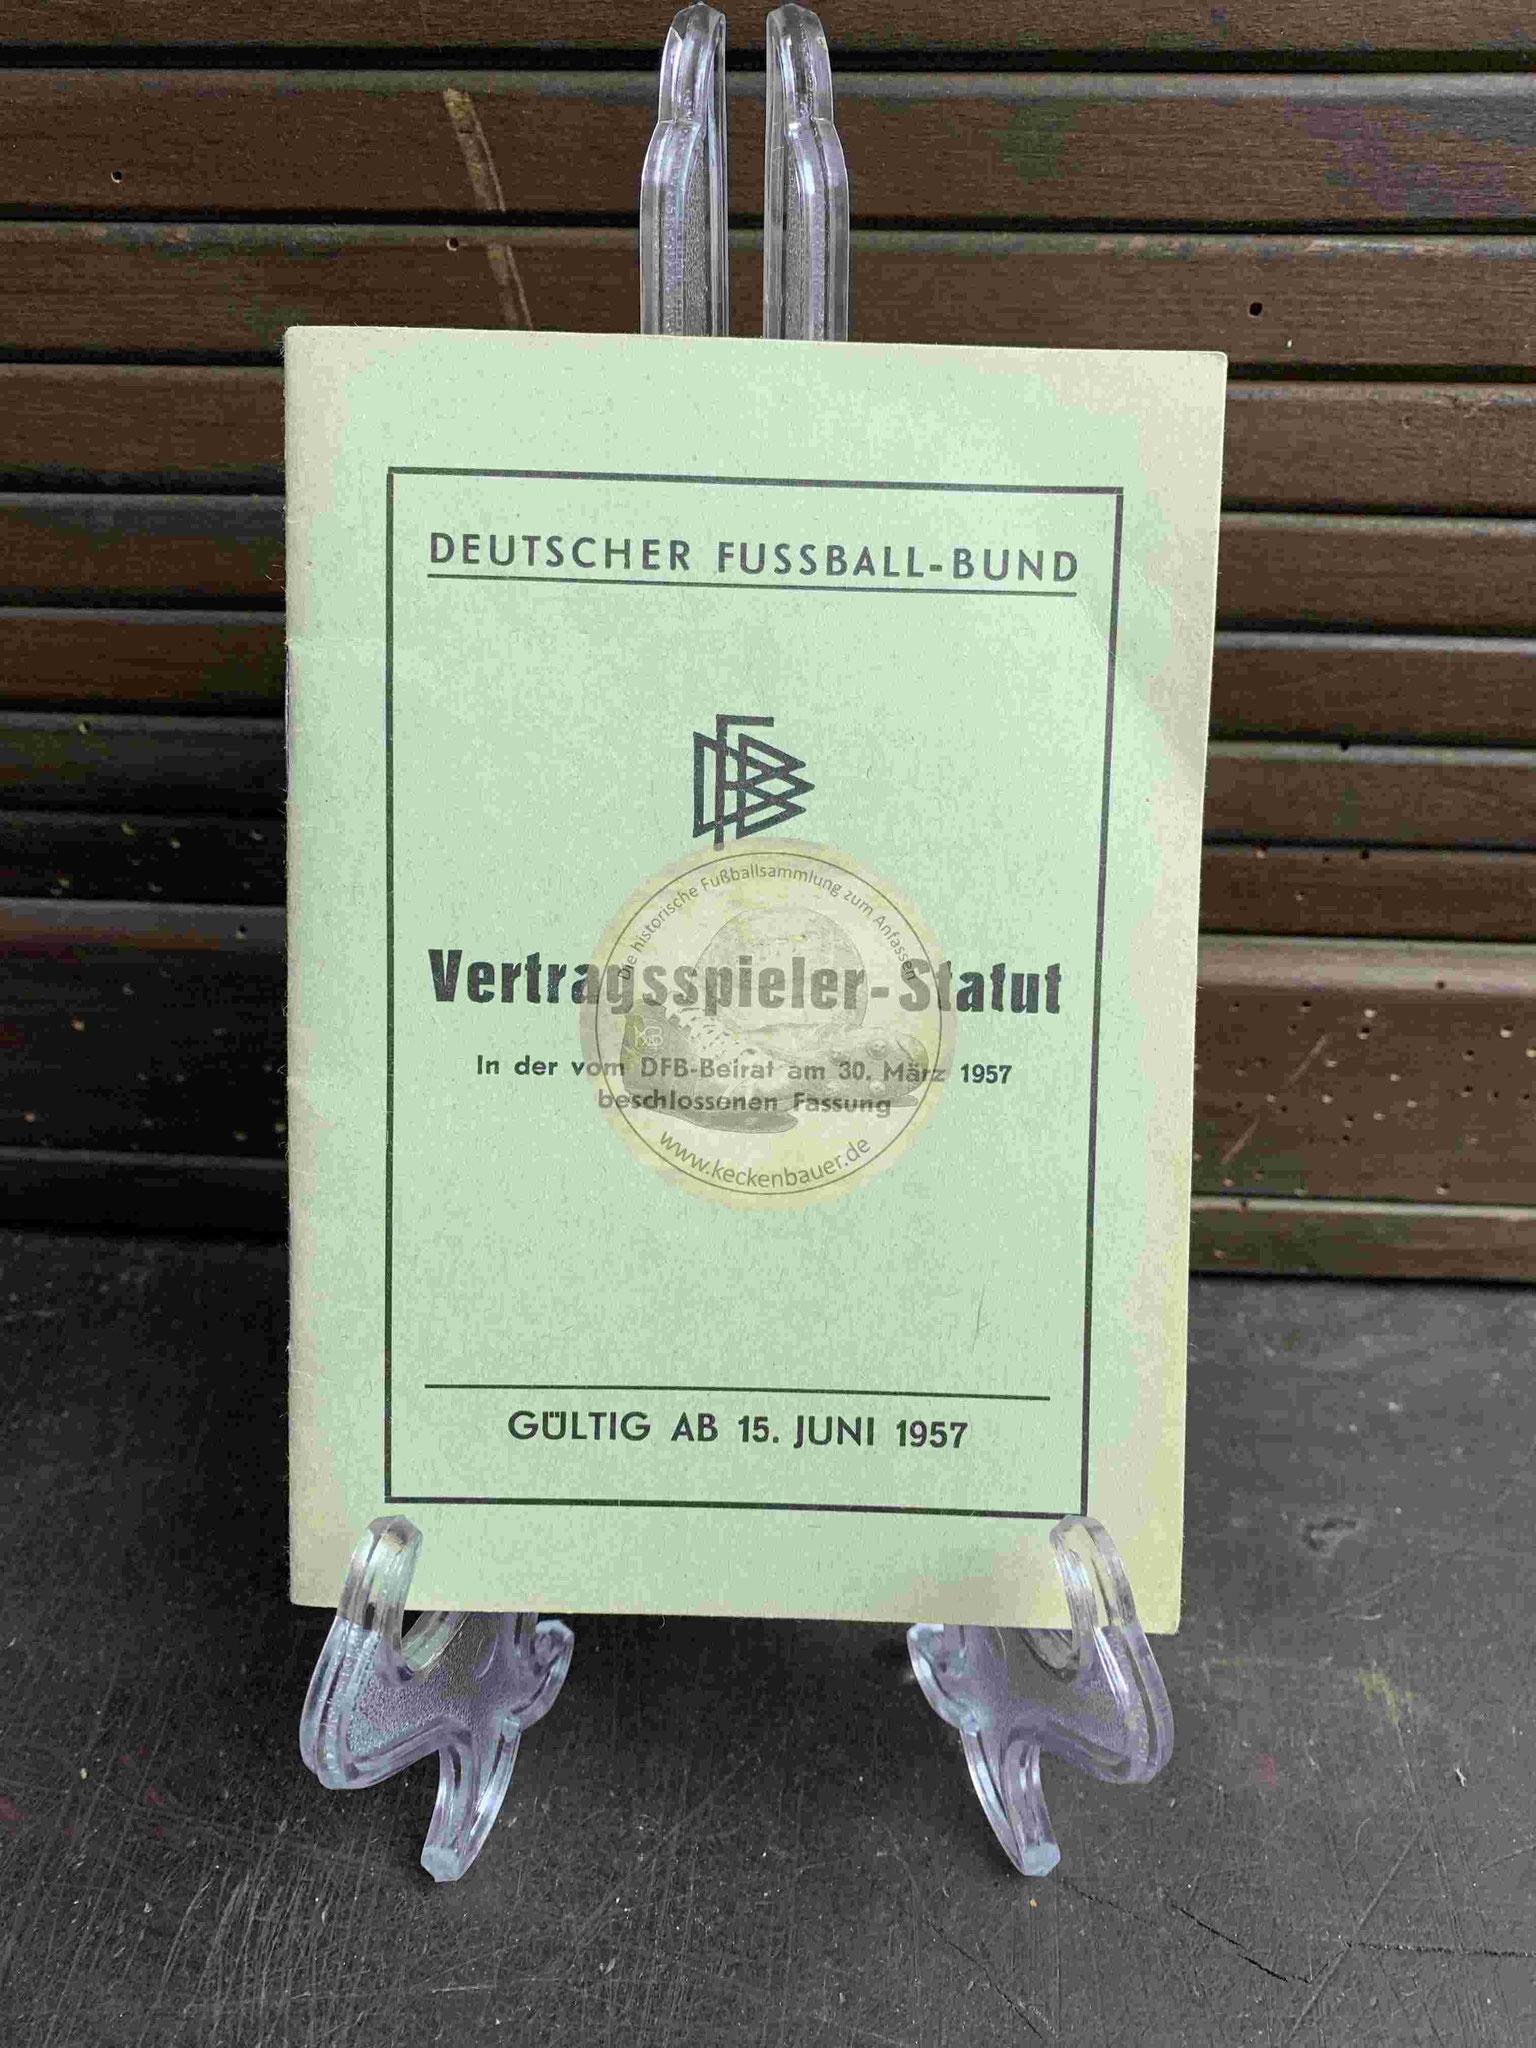 Vertragsspieler-Statut des DFB aus dem Jahr 1957